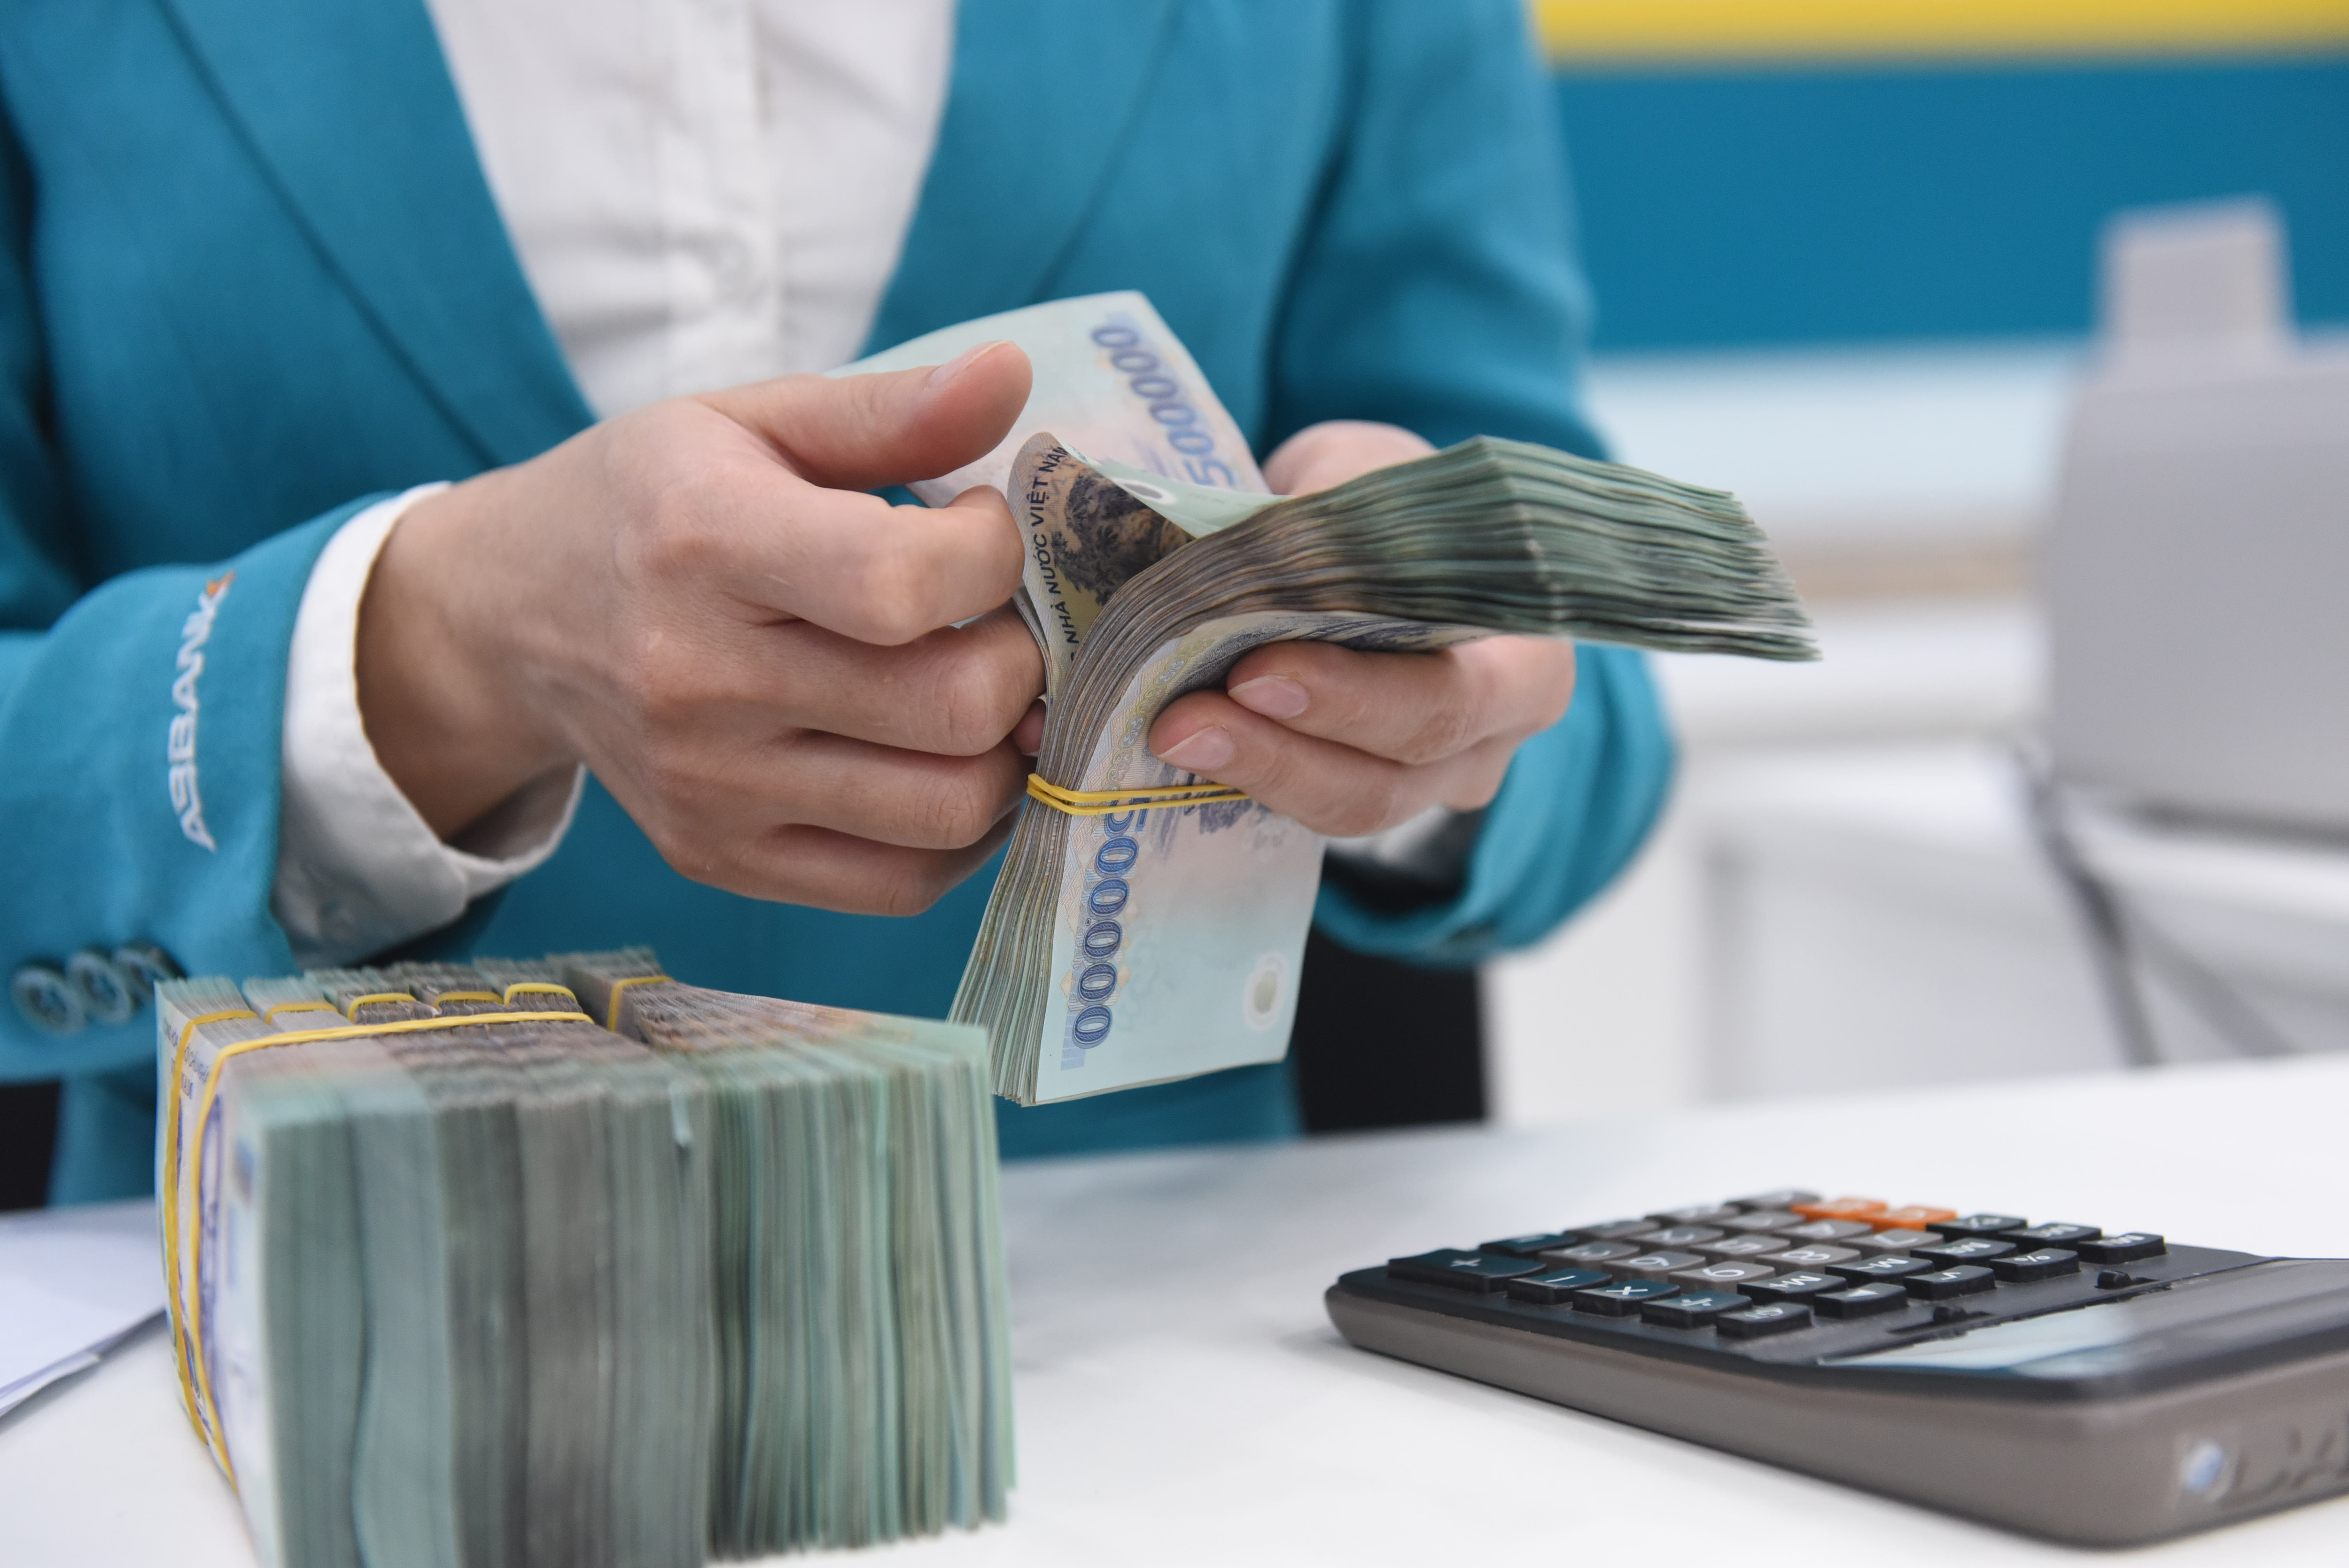 Lãi suất giảm sâu, tiền doanh nghiệp vẫn ... đổ về ngân hàng